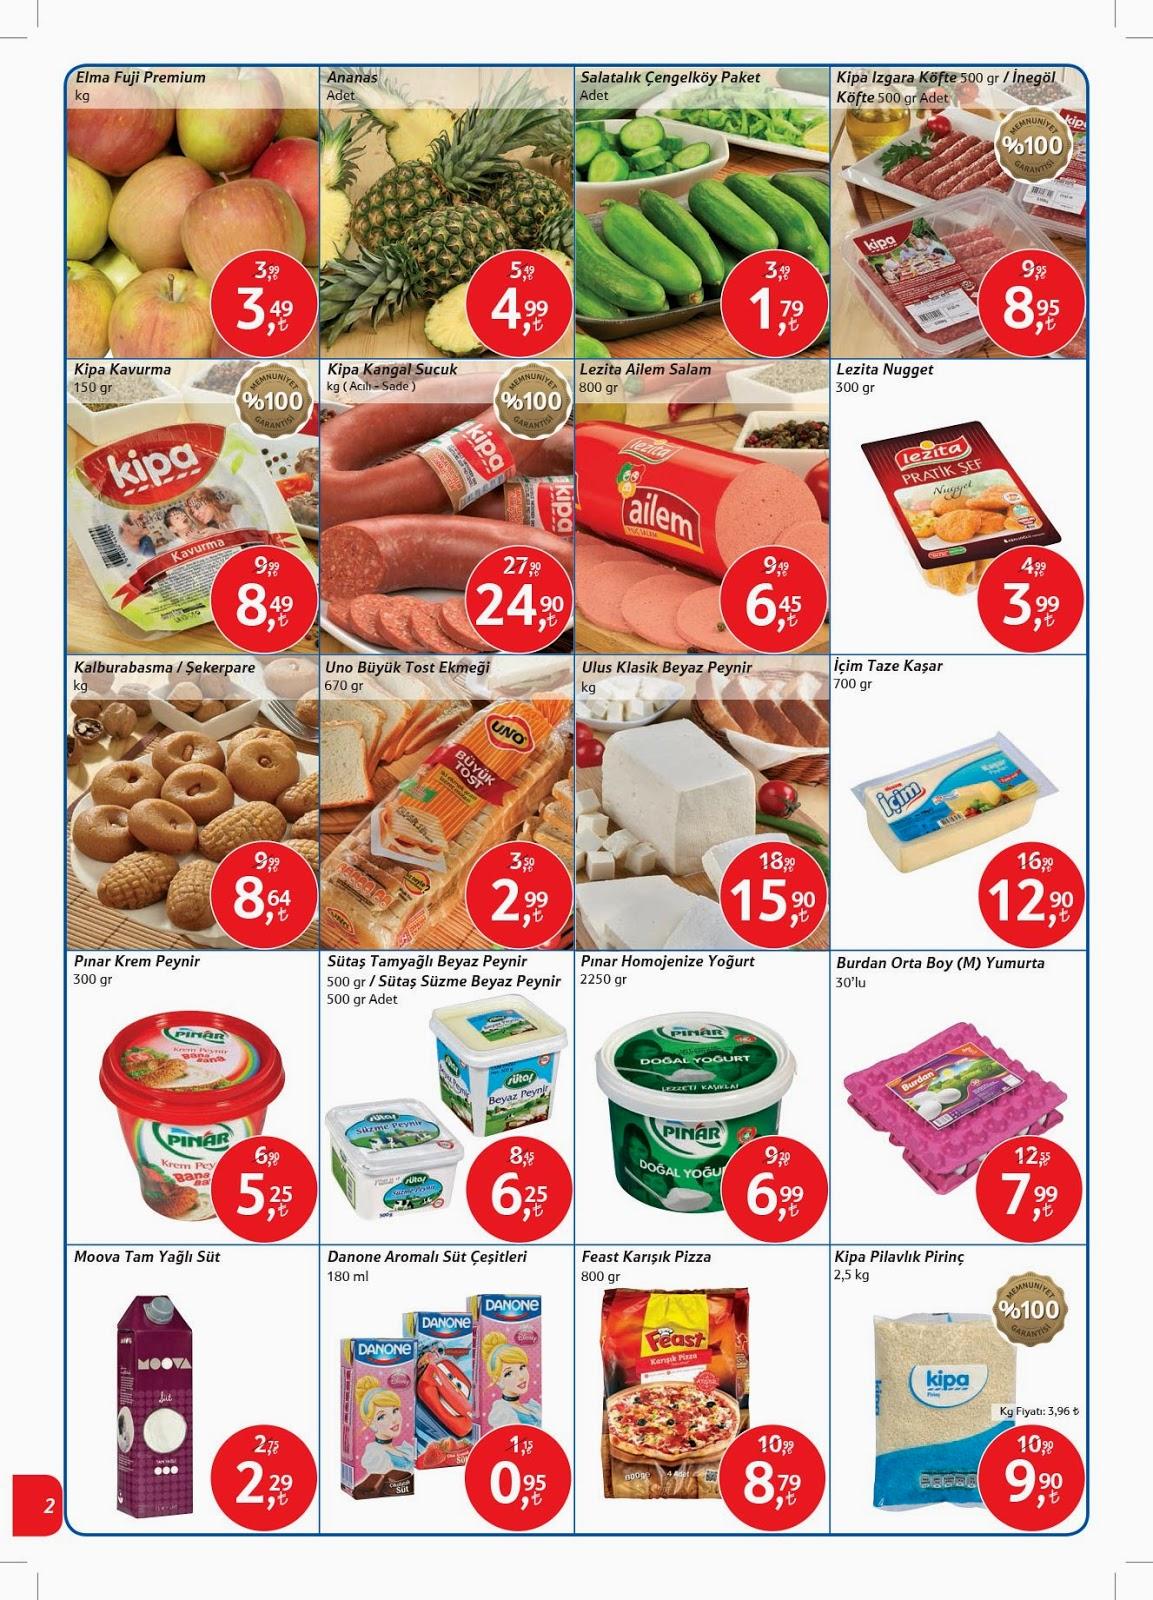 Kipa Süpermarket 18 Nisan – 01 Mayıs 2014 Süpermarket Ürünleri indirim Katalogu kipa kampanya fırsatları Kipa Süpermarket 18 Nisan - 01 Mayıs Kampanya Broşürü,Temel ihtiyaç ve gıda malzemeleri satışı yapan perakende mağazalar zinciri; etkinlikler, indirimli ürün bilgileri bu Siteden Takip edebilirsini